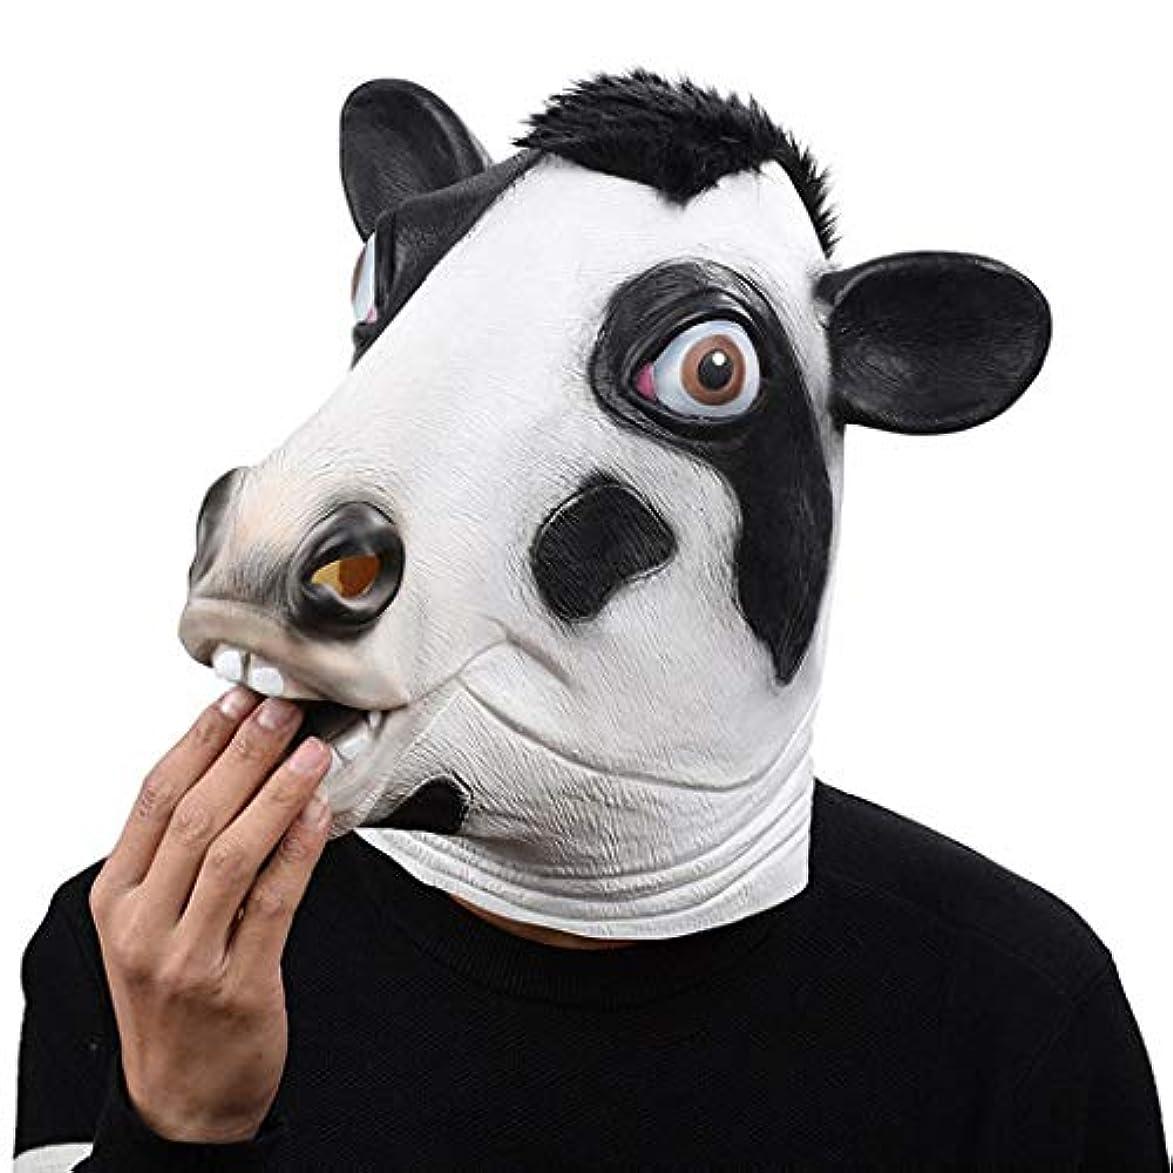 いつか時代遅れ望むハロウィンマスククリスマスボール牛スタイリングマスクパーティーマスクゲーム面白いパーティー用品